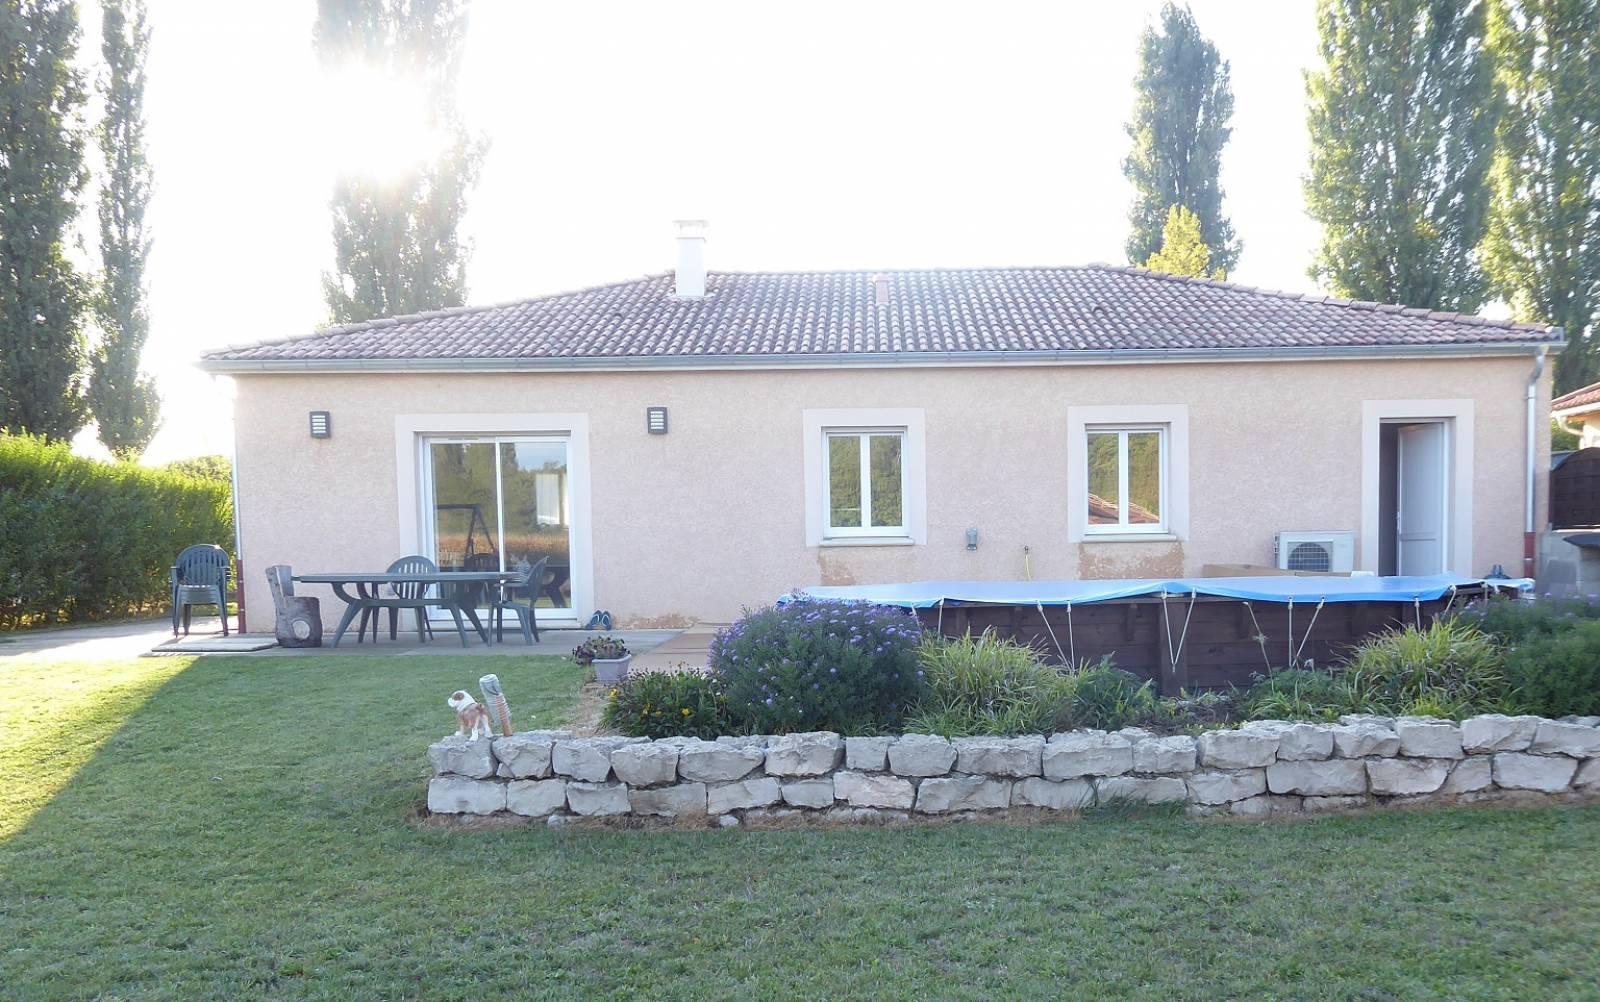 facade maison plain pied3 3 chambres pied quartz logivelay traditionnelle alt-energo.info